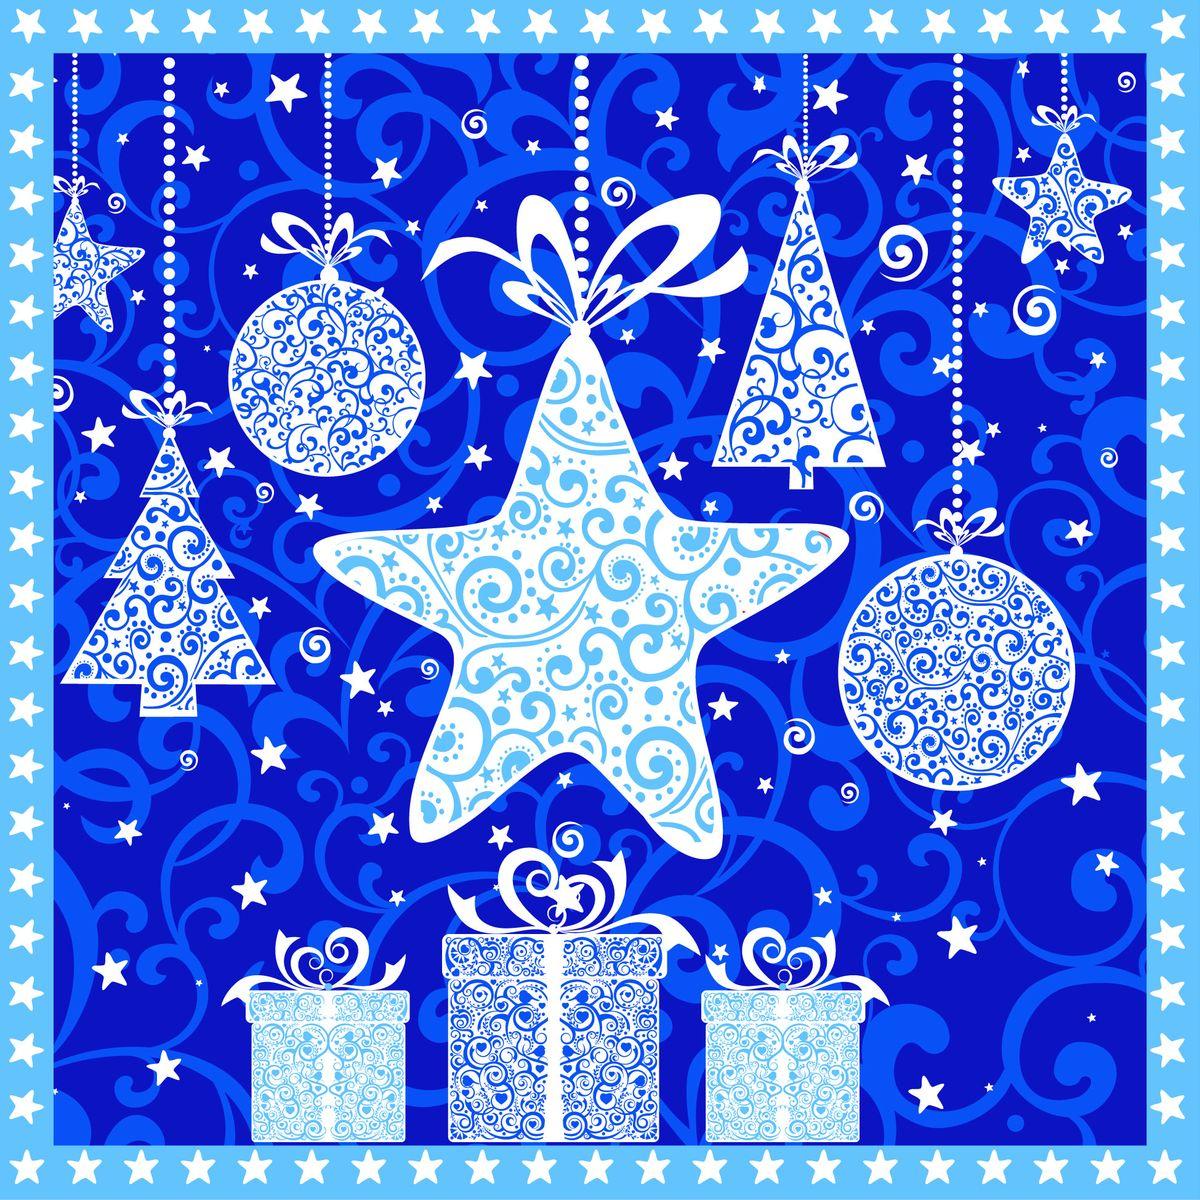 Салфетки бумажные Gratias Игрушки, цвет: синий, трехслойные, 33 х 33 см, 20 шт91547Трехслойные бумажные салфетки Gratias Игрушки, выполненные из натуральной целлюлозы, станут отличным дополнением любого праздничного стола. Они отличаются необычной мягкостью и прочностью. Размер листа: 33 х 33 см. Количество слоев: 3.